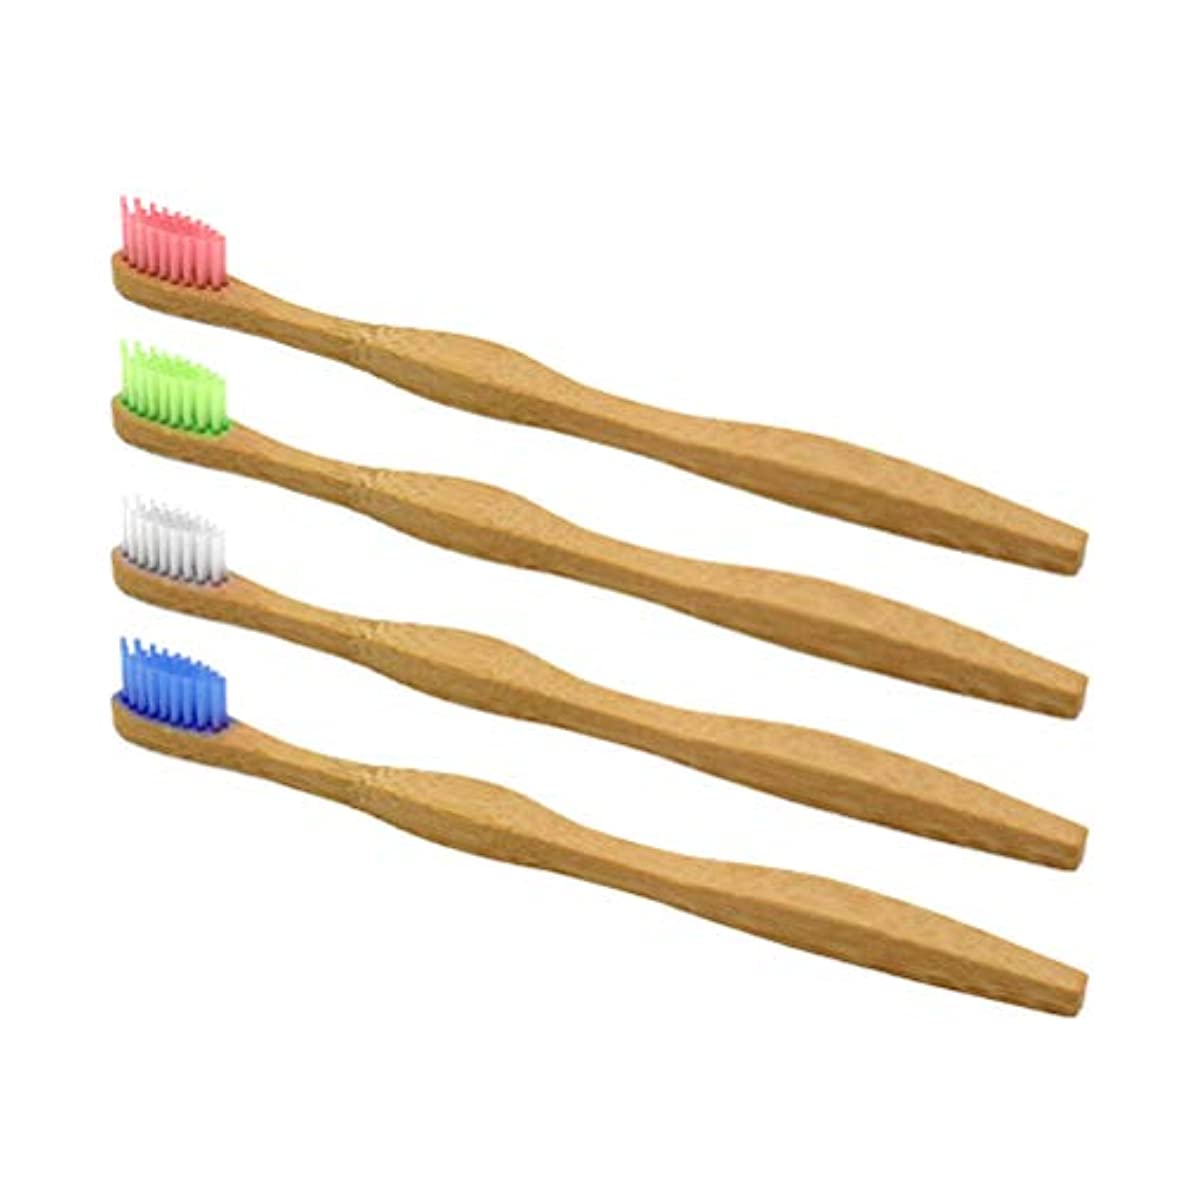 付き添い人専門デジタルHealifty 家庭用およびトラベル用4本(白、青、ピンク、緑)用歯ブラシ竹製歯ブラシ